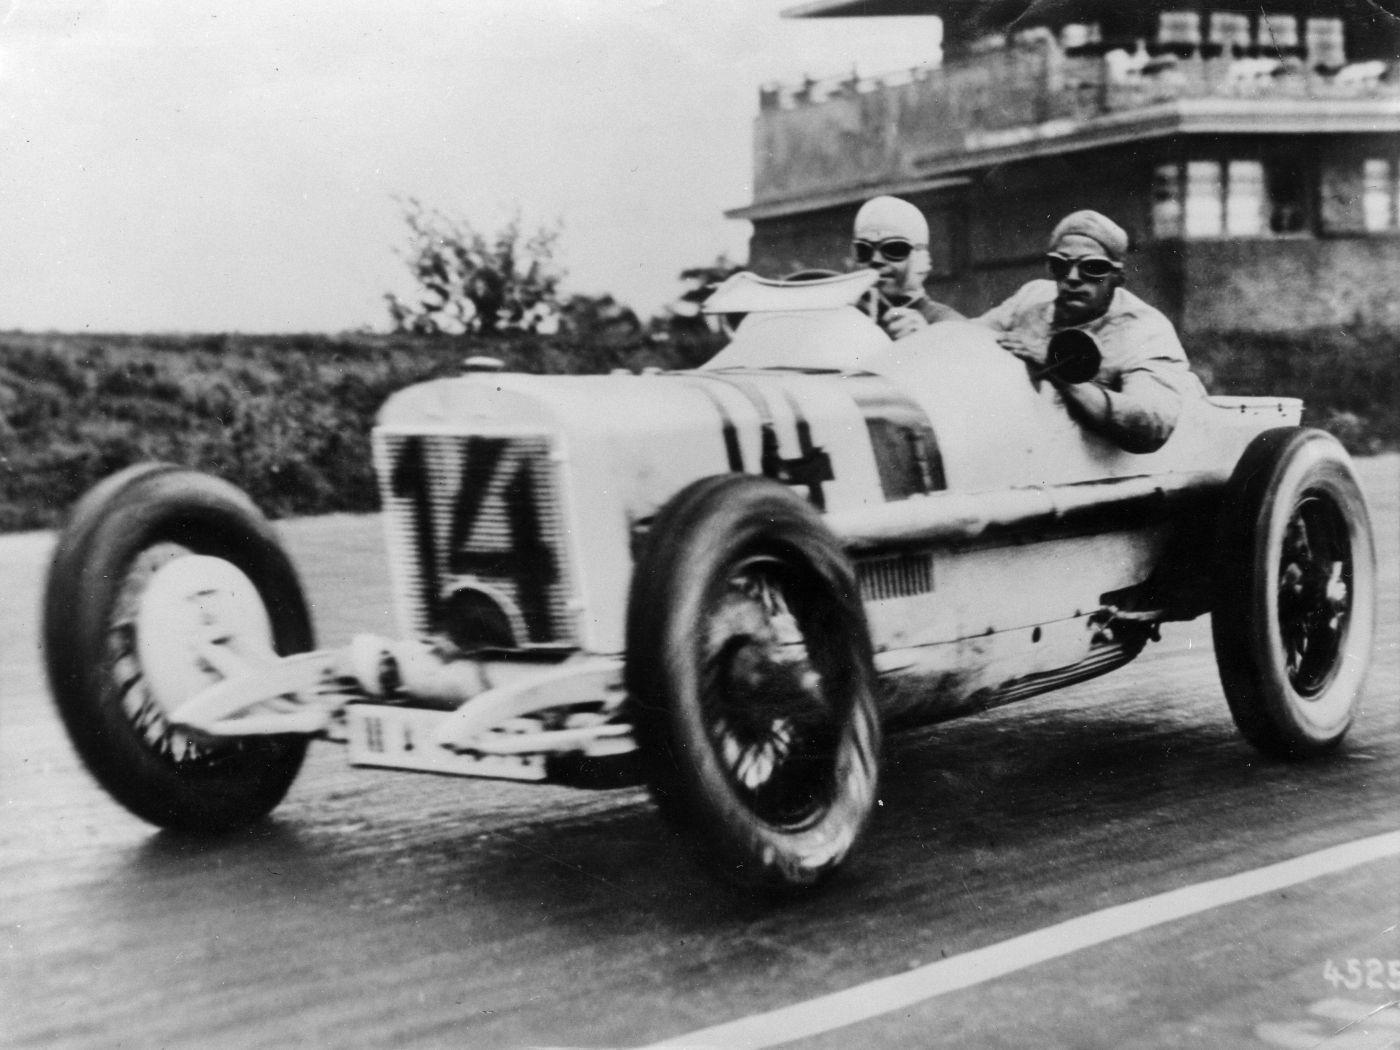 Eröffnung der AVUS 1926 Rudolf Caracciola Mercedes-Benz (1)